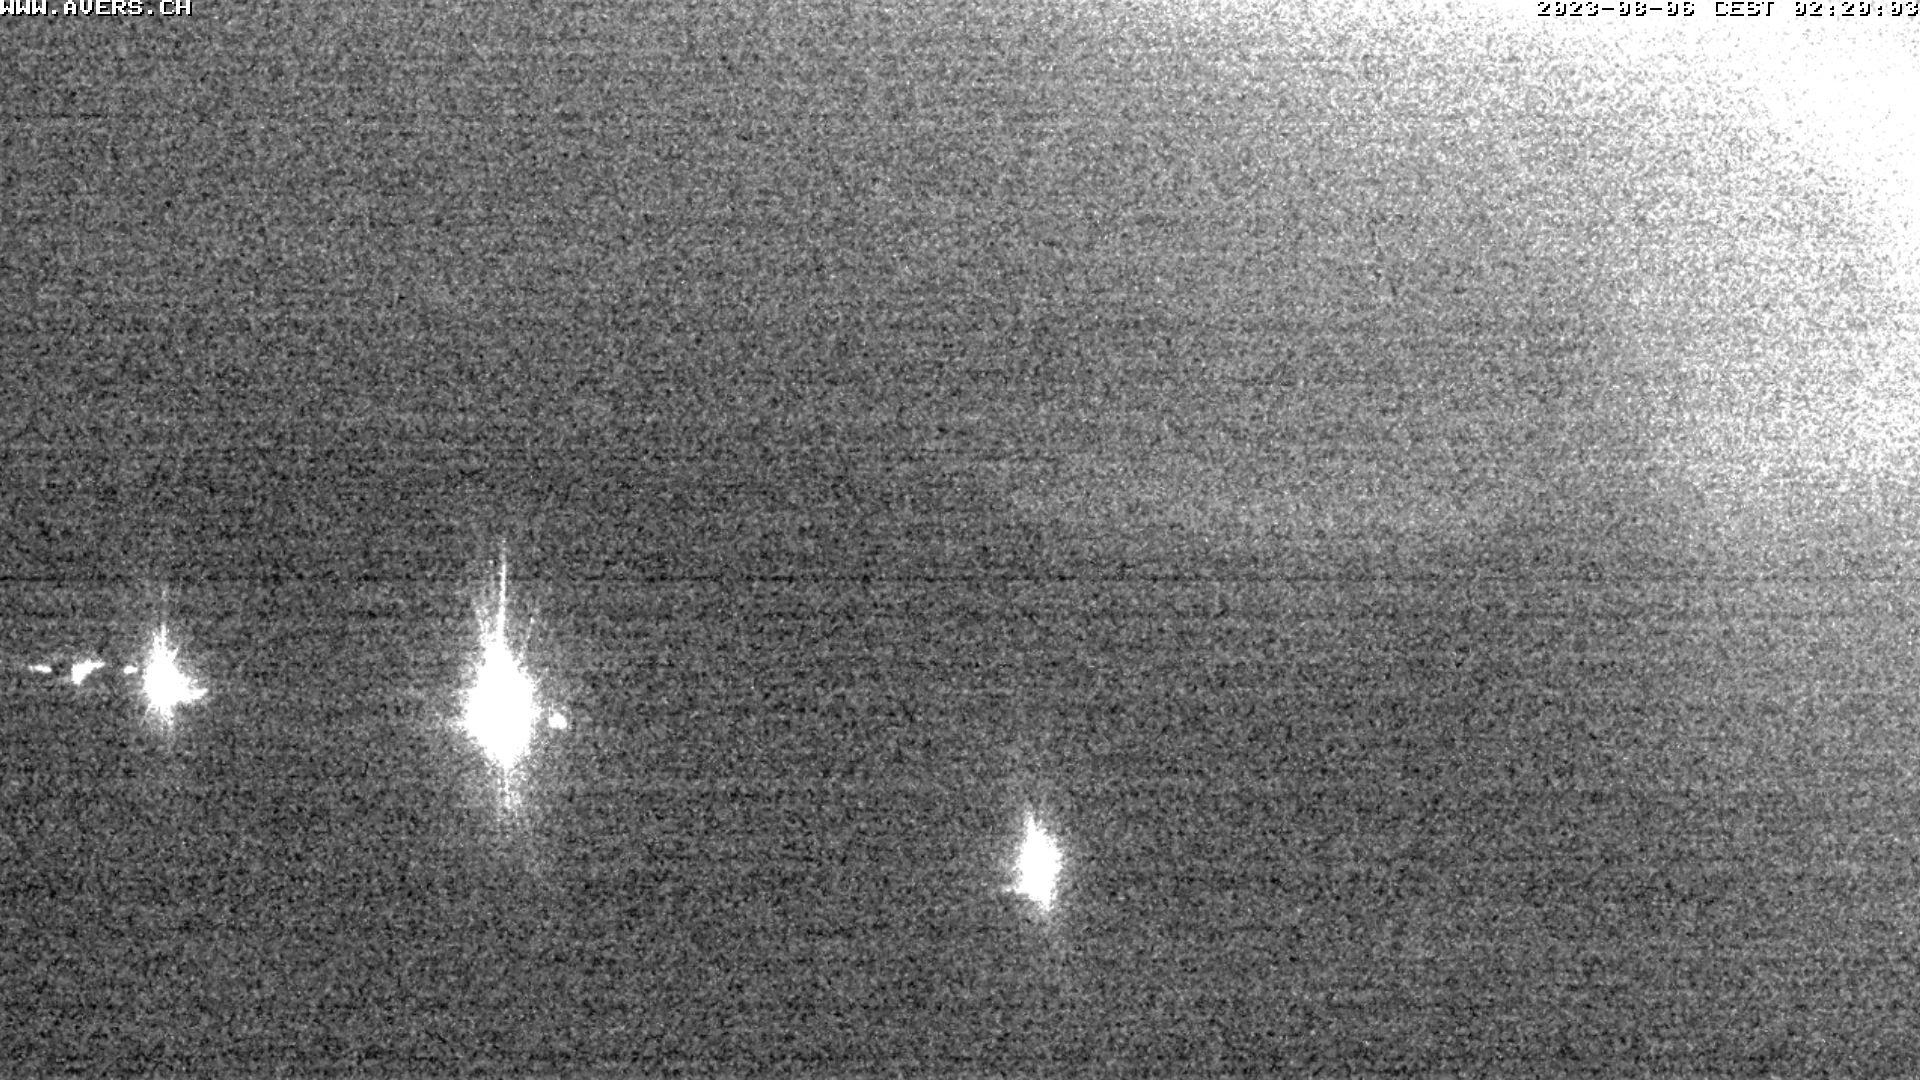 Grossansicht 02h - Avers Skilift Cavetta mit Sicht in die Bregalga.